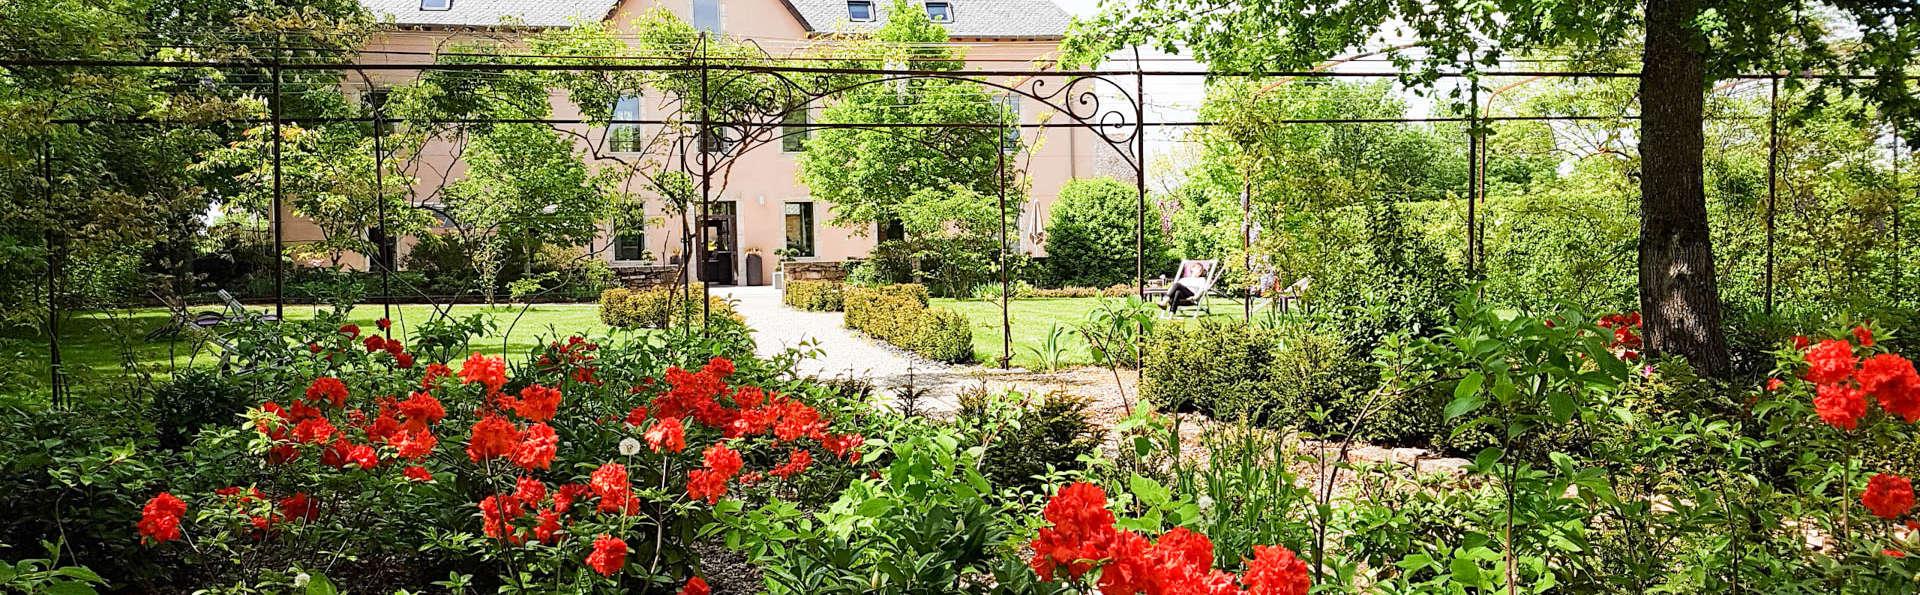 Pied-à-terre de charme au cœur de l'Aveyron